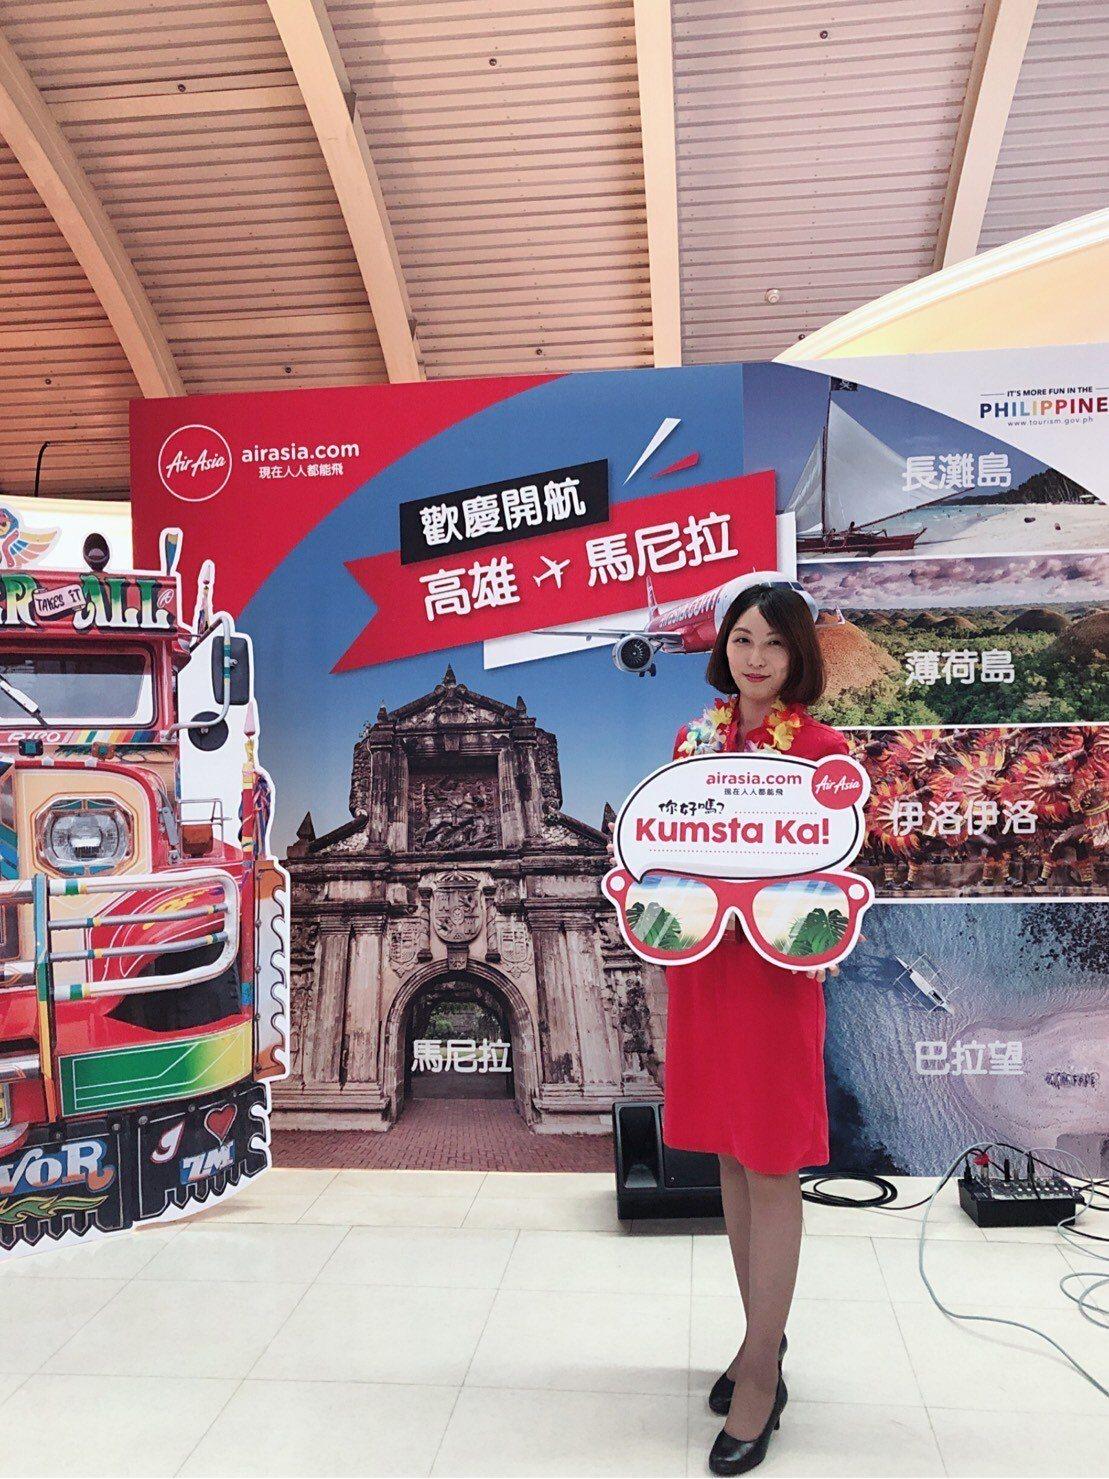 亞洲低成本航空AirAsia宣布,昨(30)日正式首航高雄-馬尼拉航線,為慶祝A...